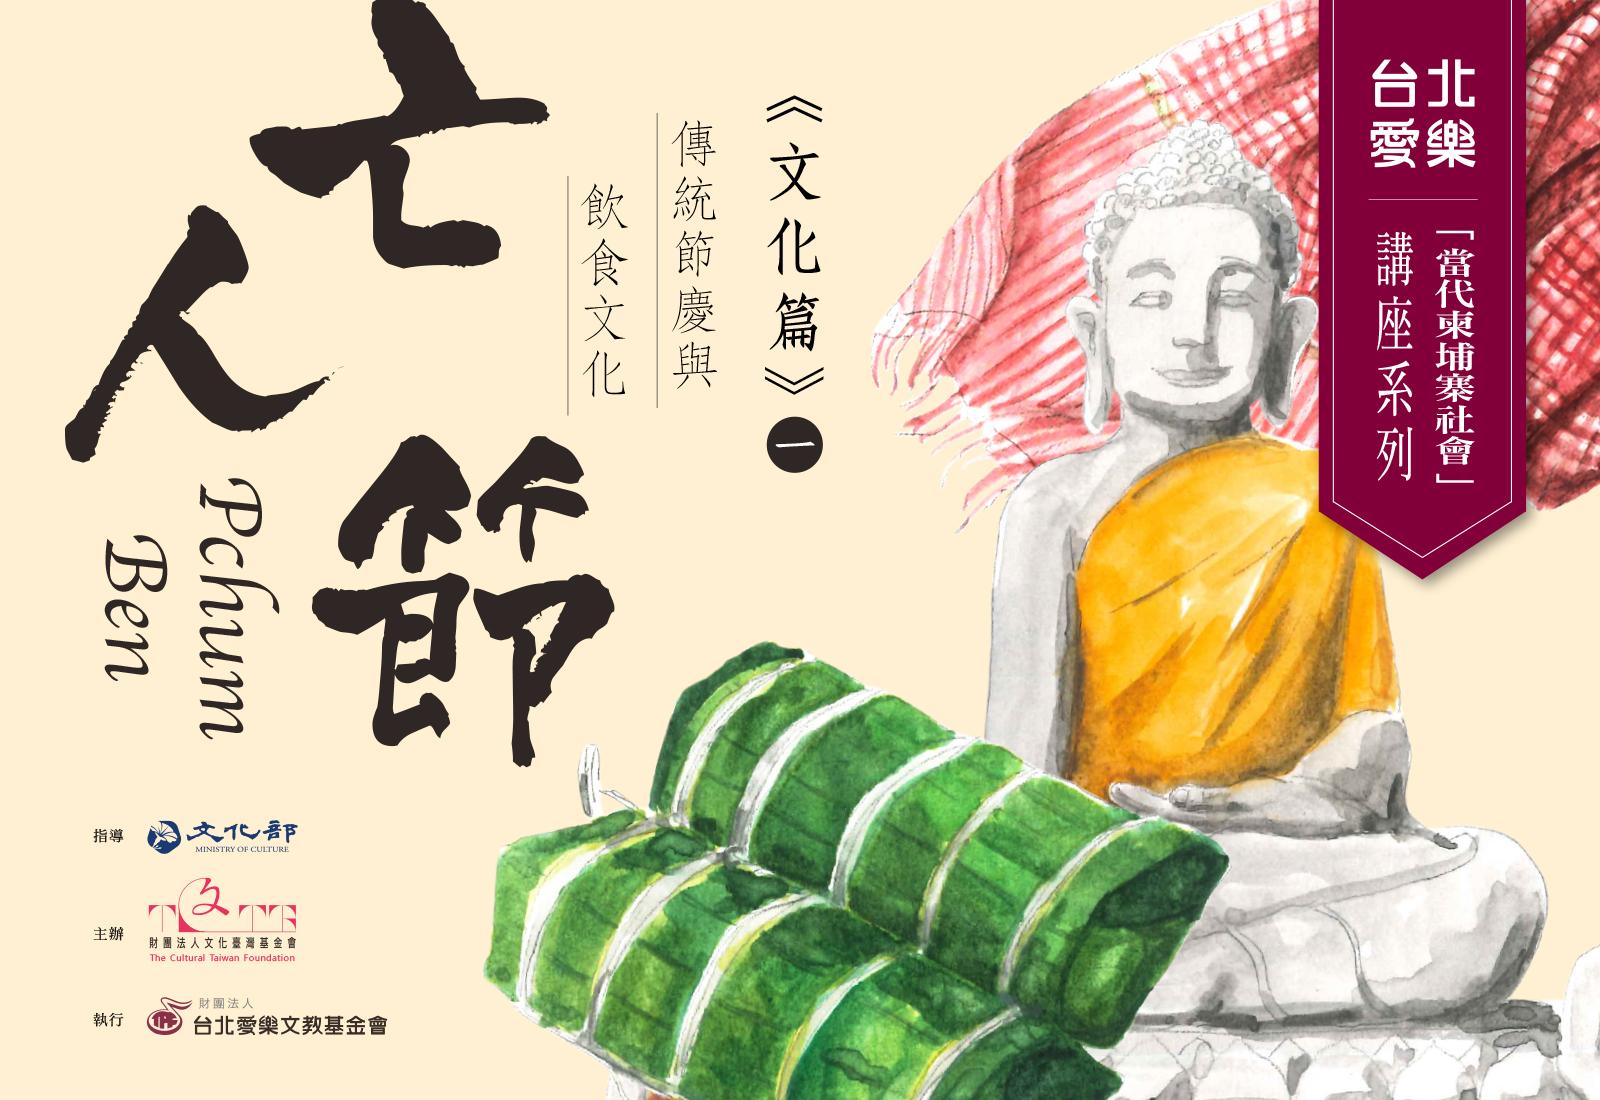 10/18 台北愛樂 「當代柬埔寨社會」講座(一) 傳統節慶與飲食文化-亡人節(Pchum Ben)報名額滿